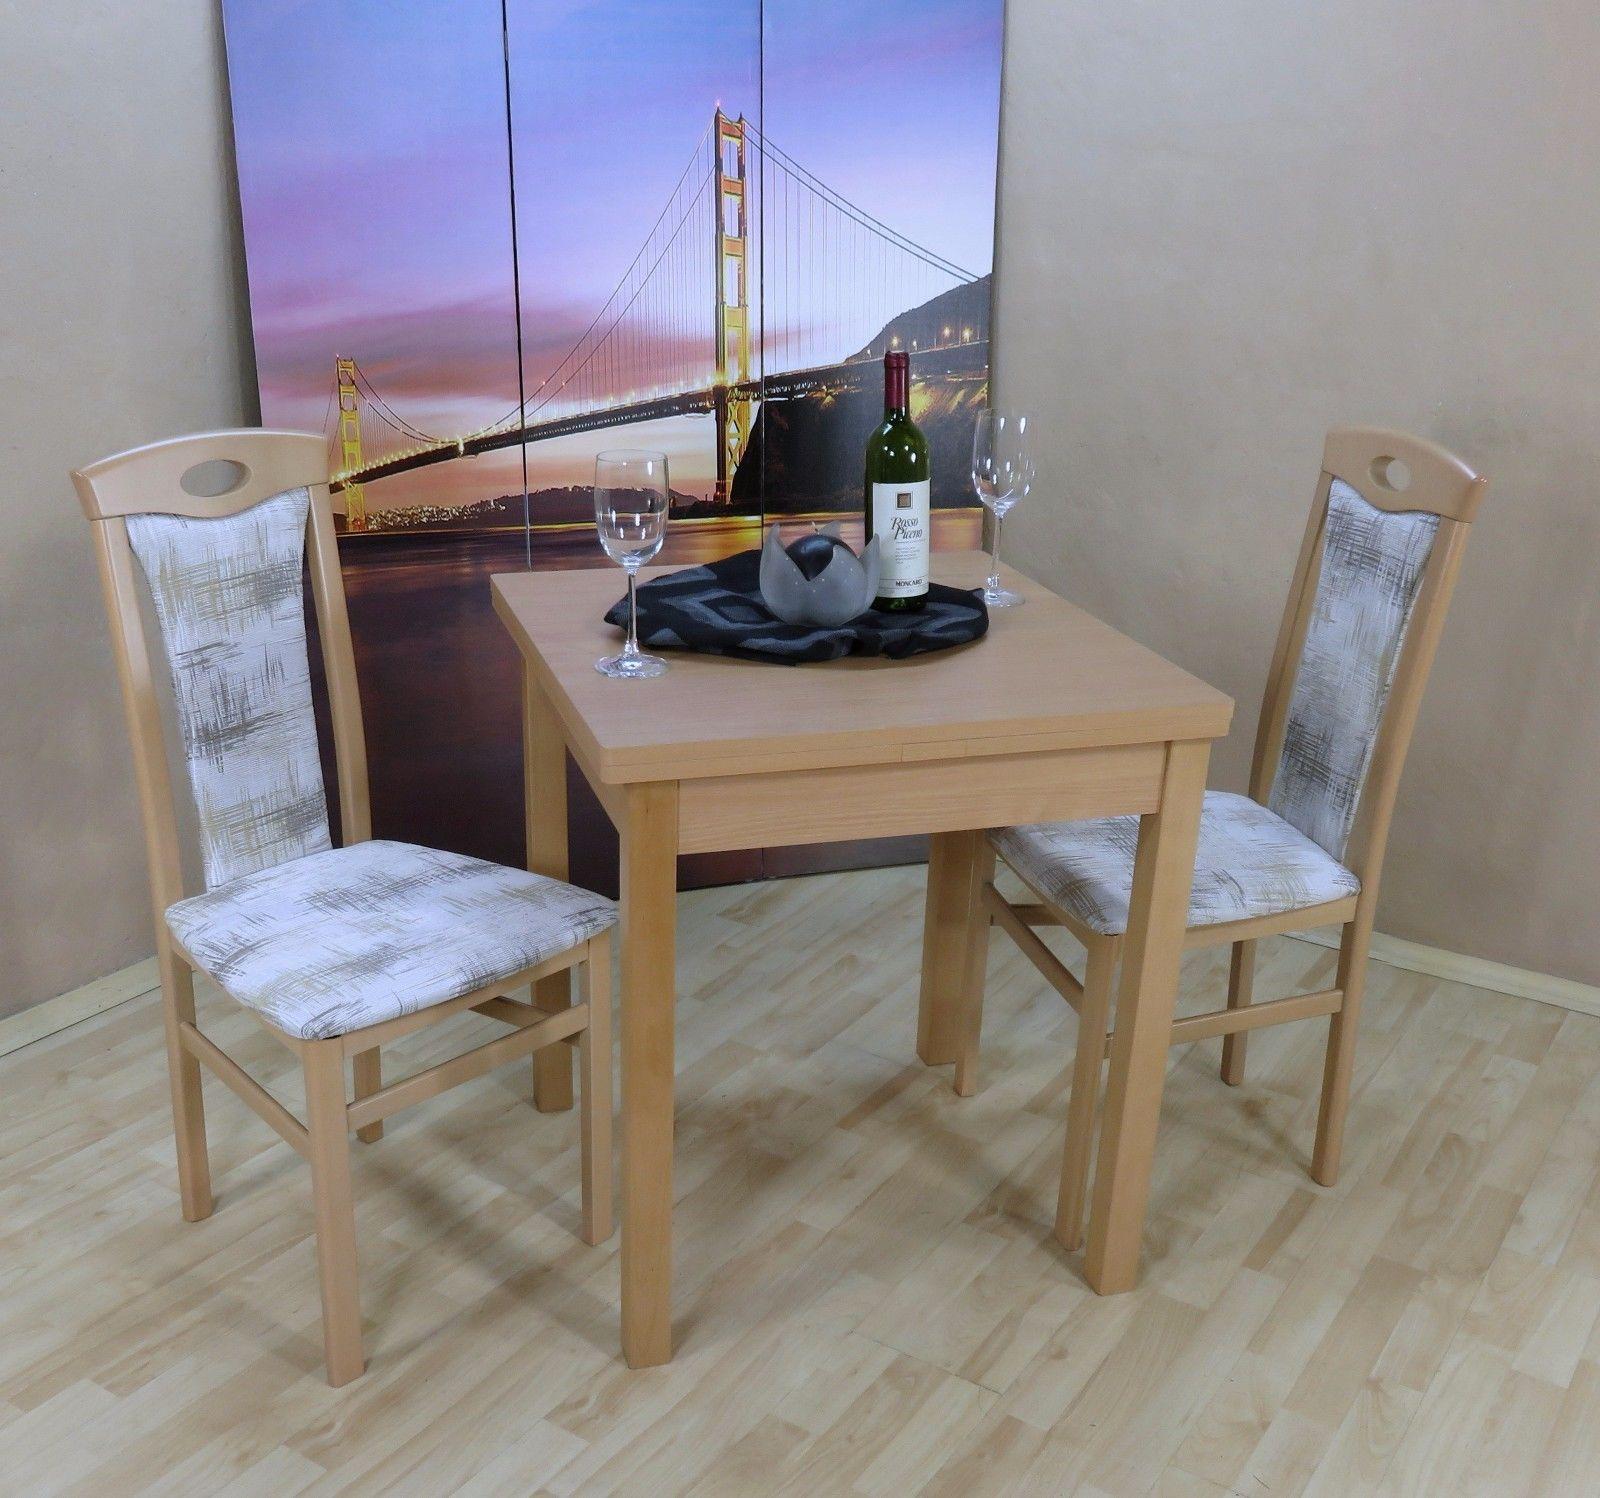 Esstisch massiv günstig  Tischgruppe Buche natur Essgruppe 2 Stühle Esstisch ausziehbar ...